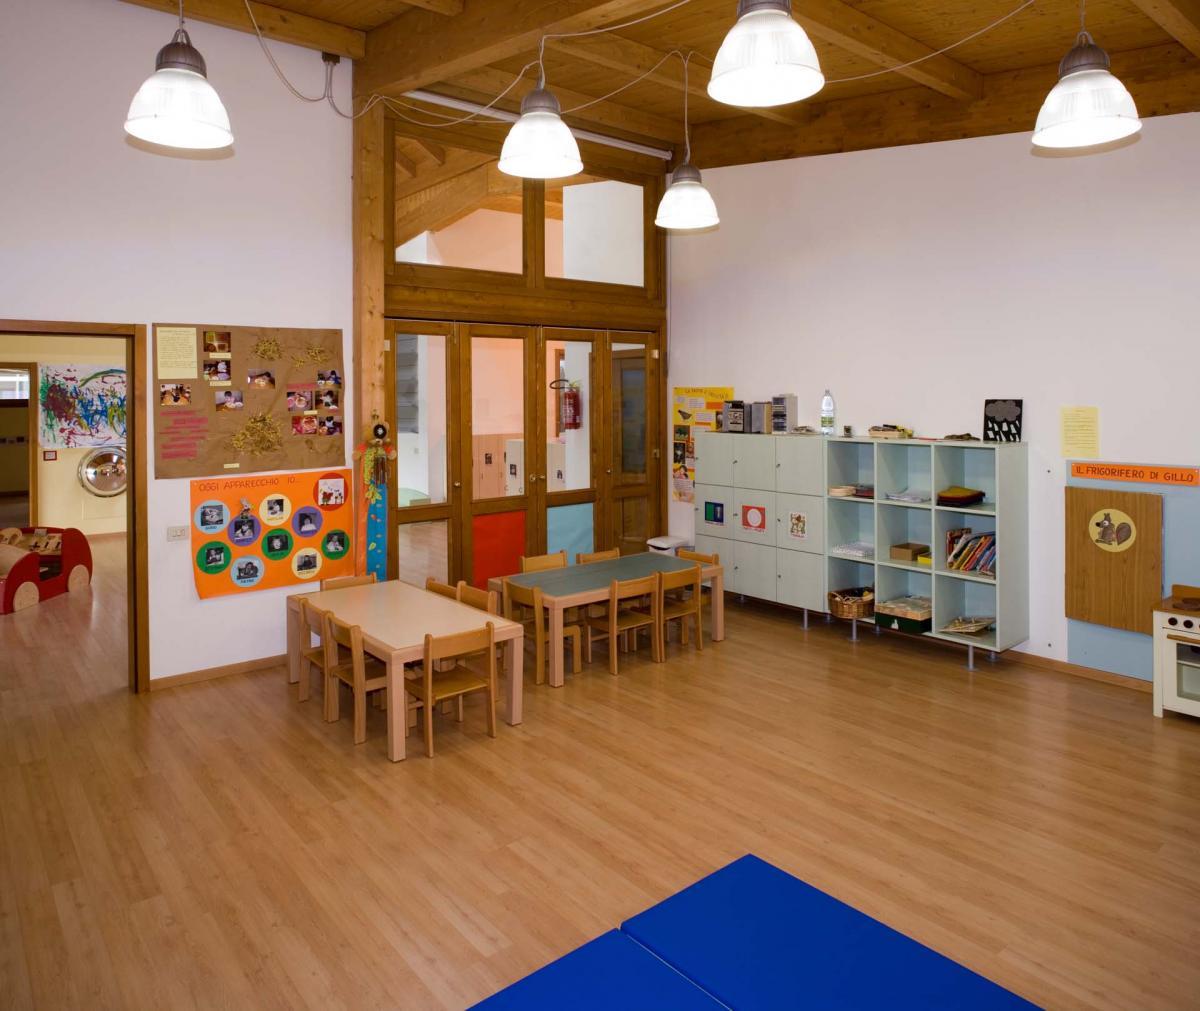 Referenze e realizzazioni casas de madera ille calidad y for Casa in legno tradizionale